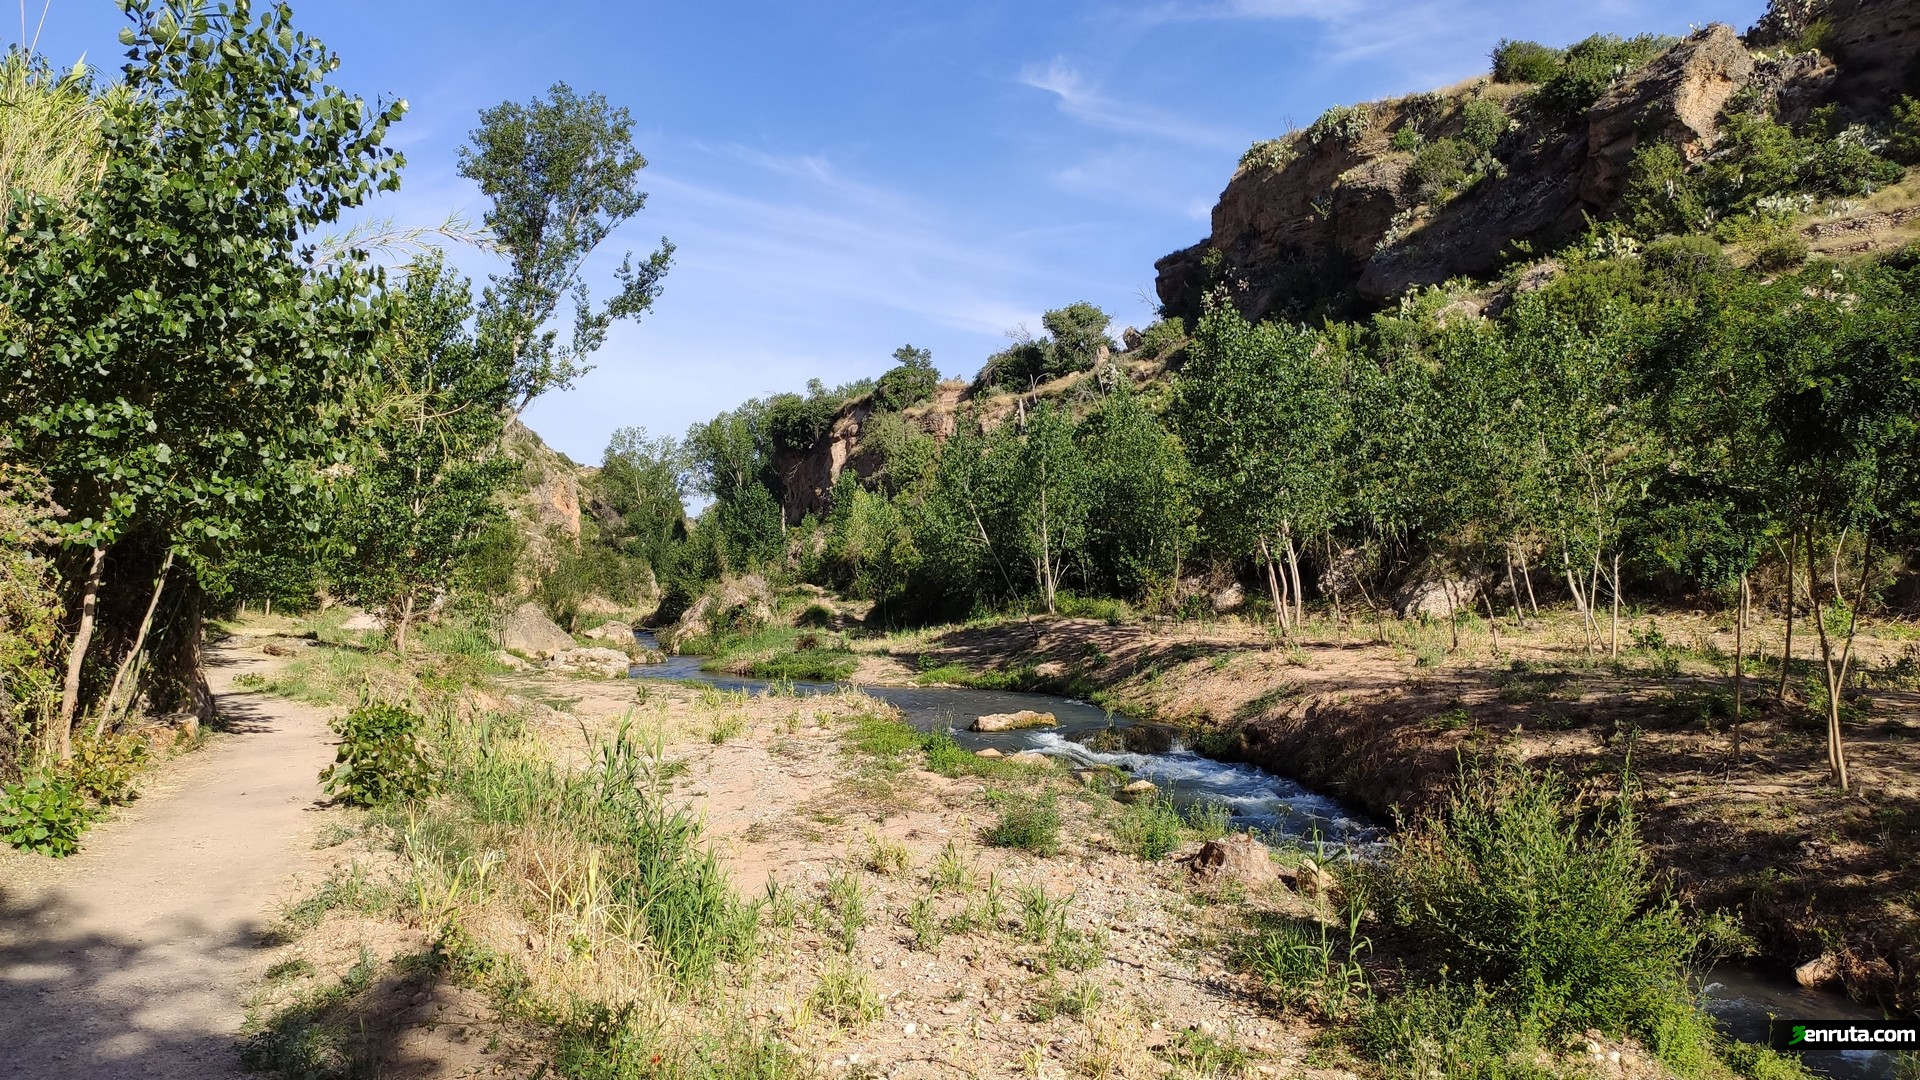 Durante la primera parte rodaremos por un sendro junto al rio